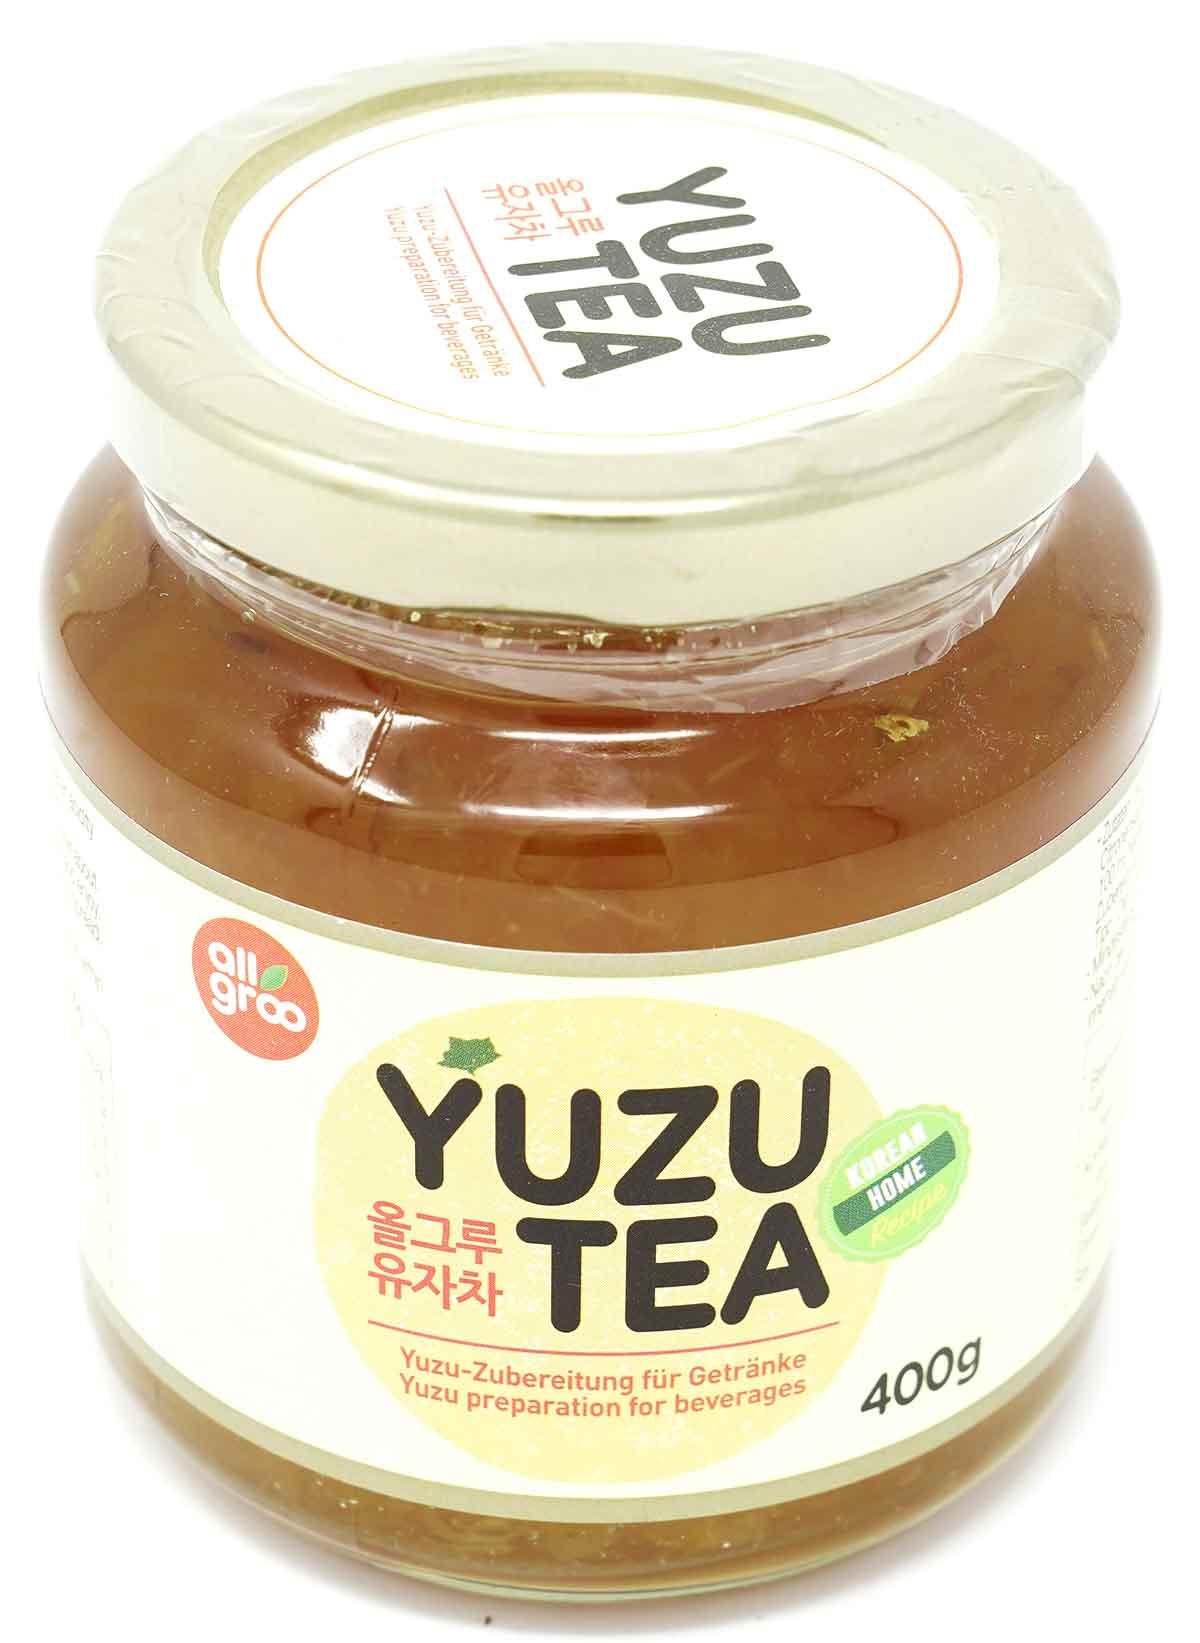 Allgroo Yuzu-Tee, 400 g